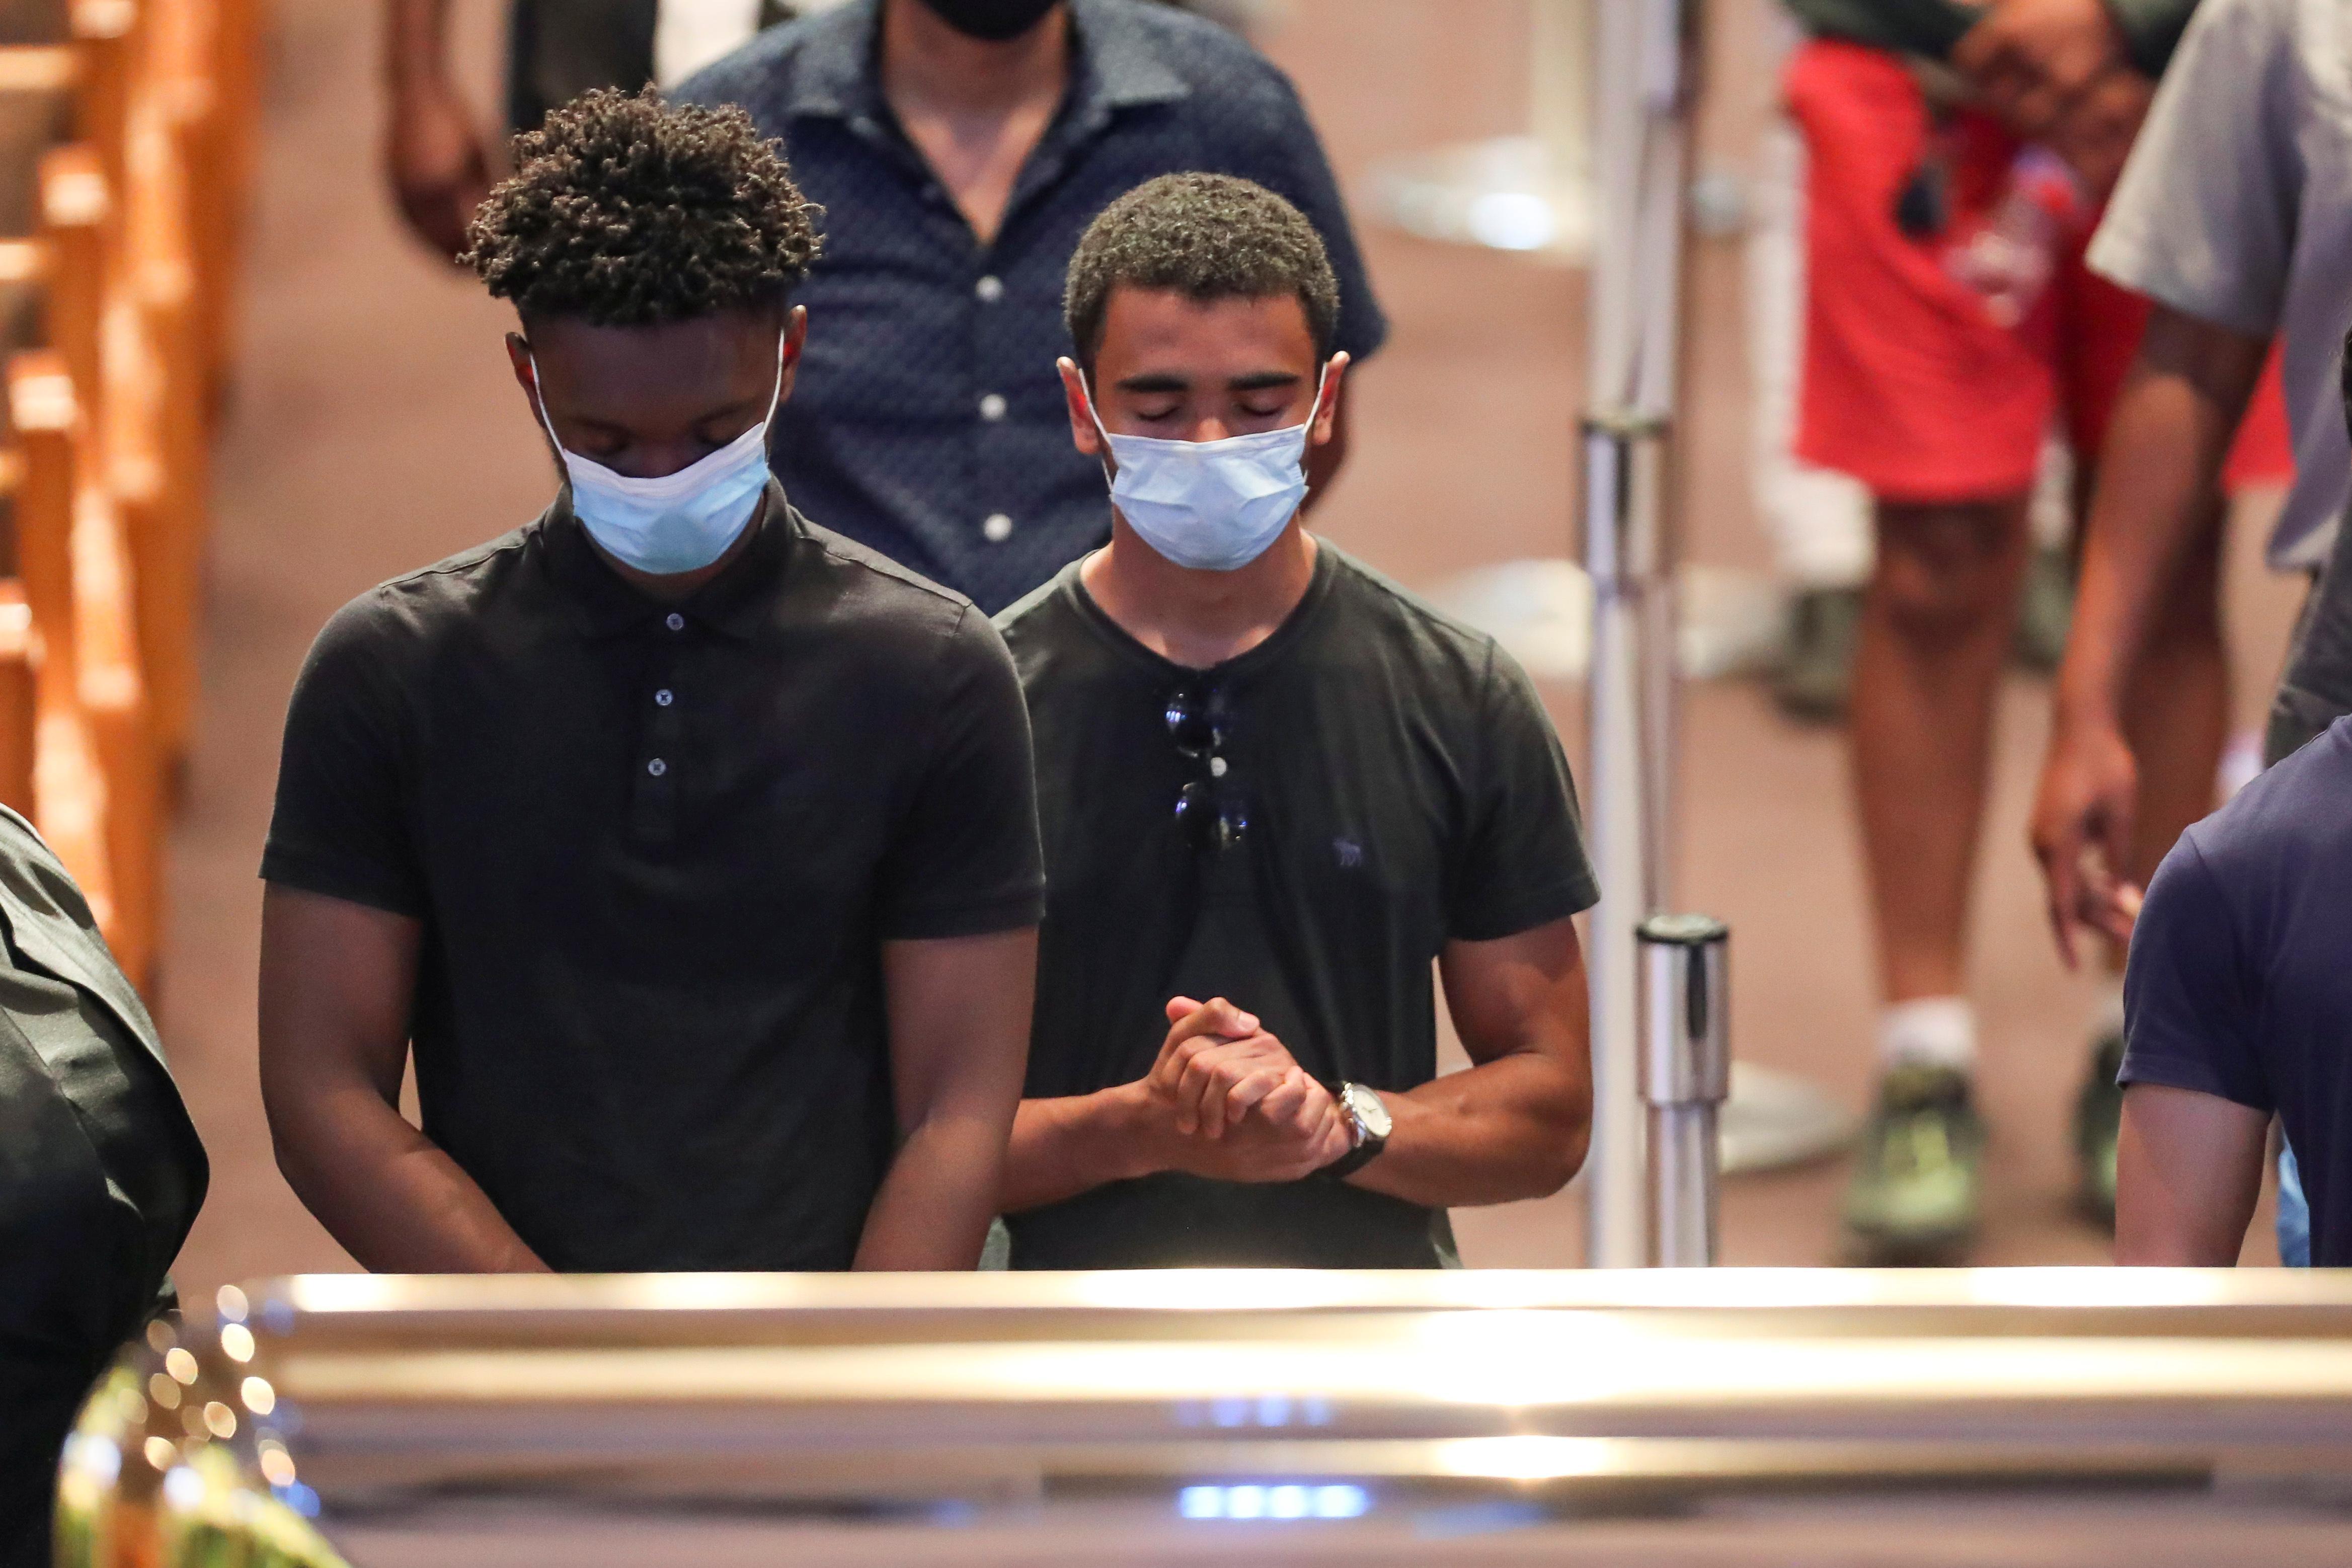 George Floyd sera enterré mardi alors que les manifestations mondiales contre le racisme se répandent